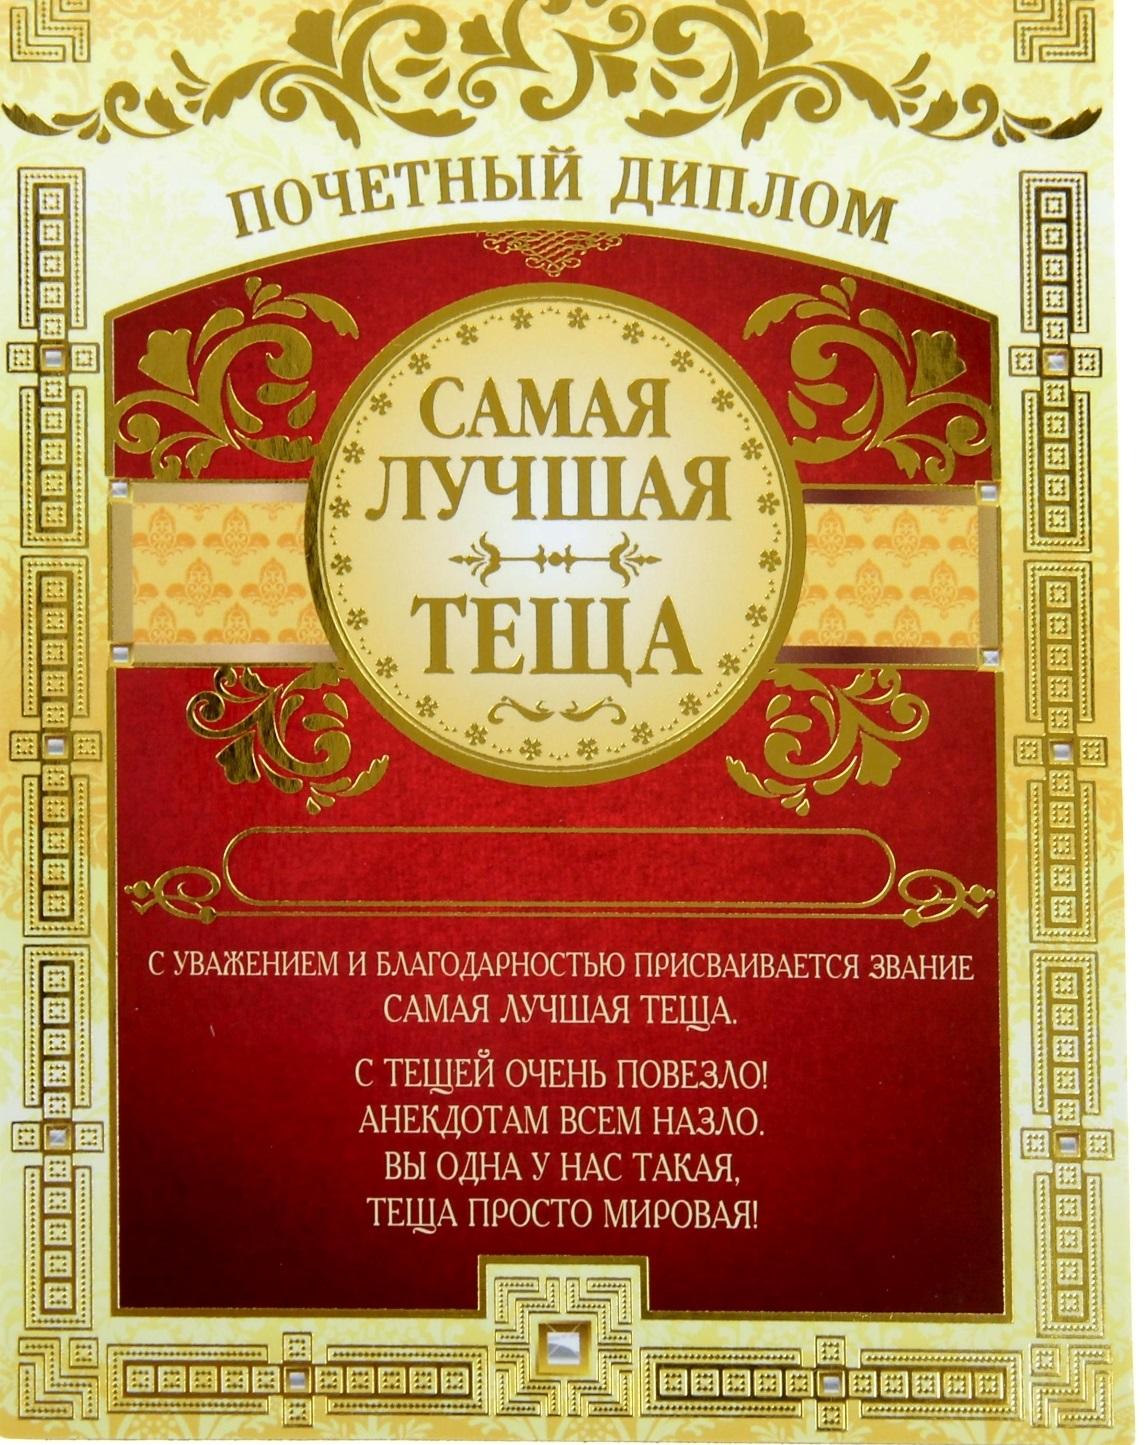 Печать грамот и дипломов теще в Москве | фото 2